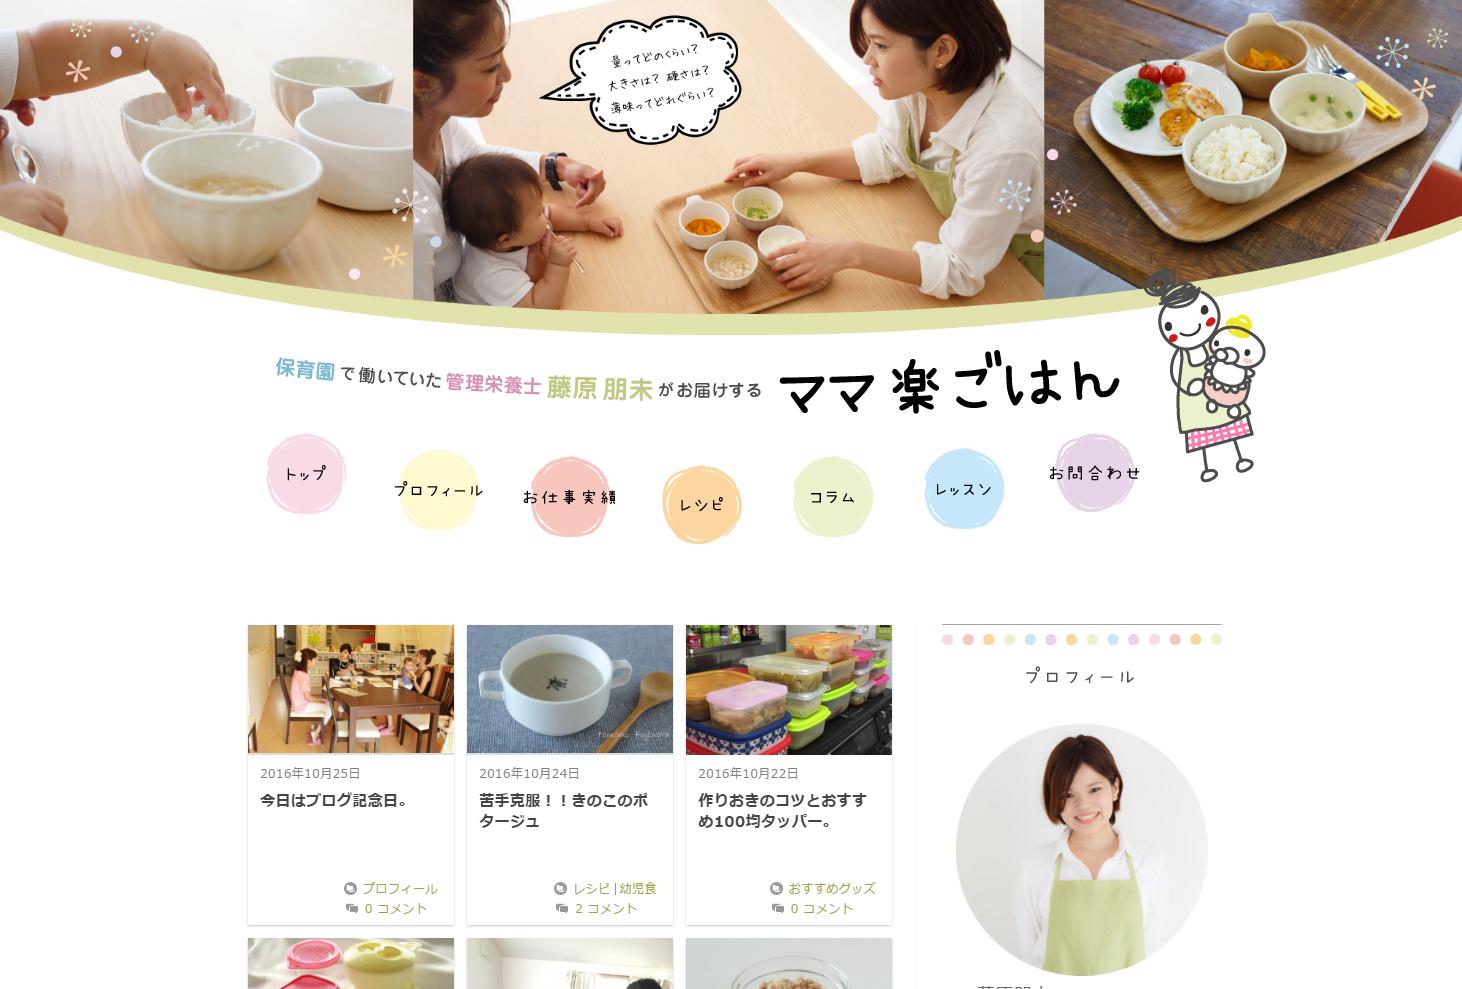 管理栄養士藤原朋未の公式ブログ